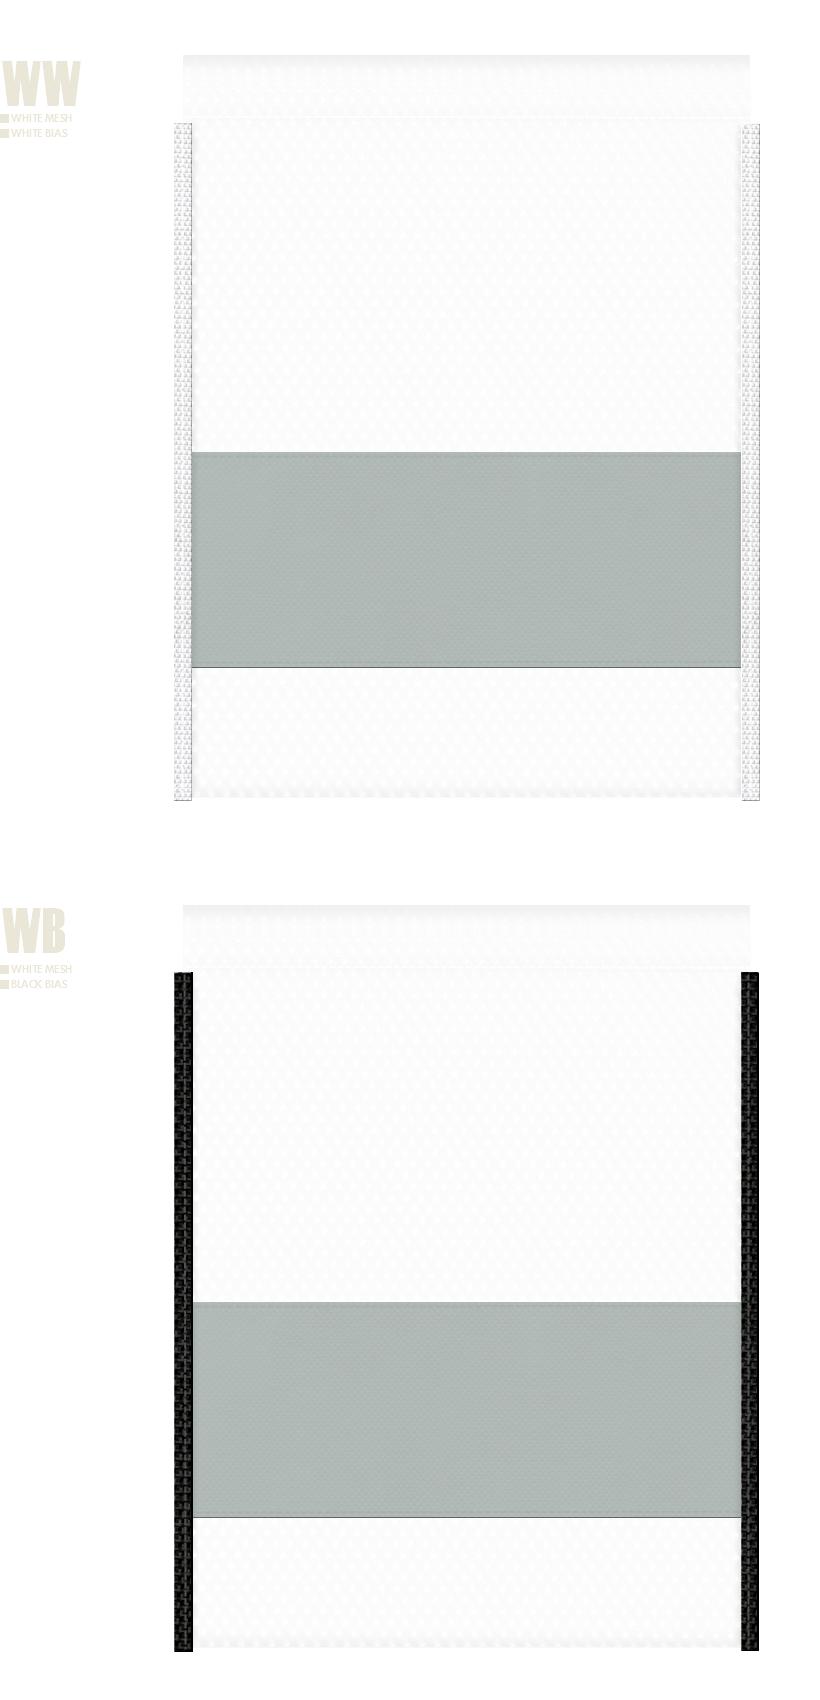 白色メッシュとグレー色不織布のメッシュバッグカラーシミュレーション:キャンプ用品・アウトドア用品・スポーツ用品・シューズバッグにお奨め